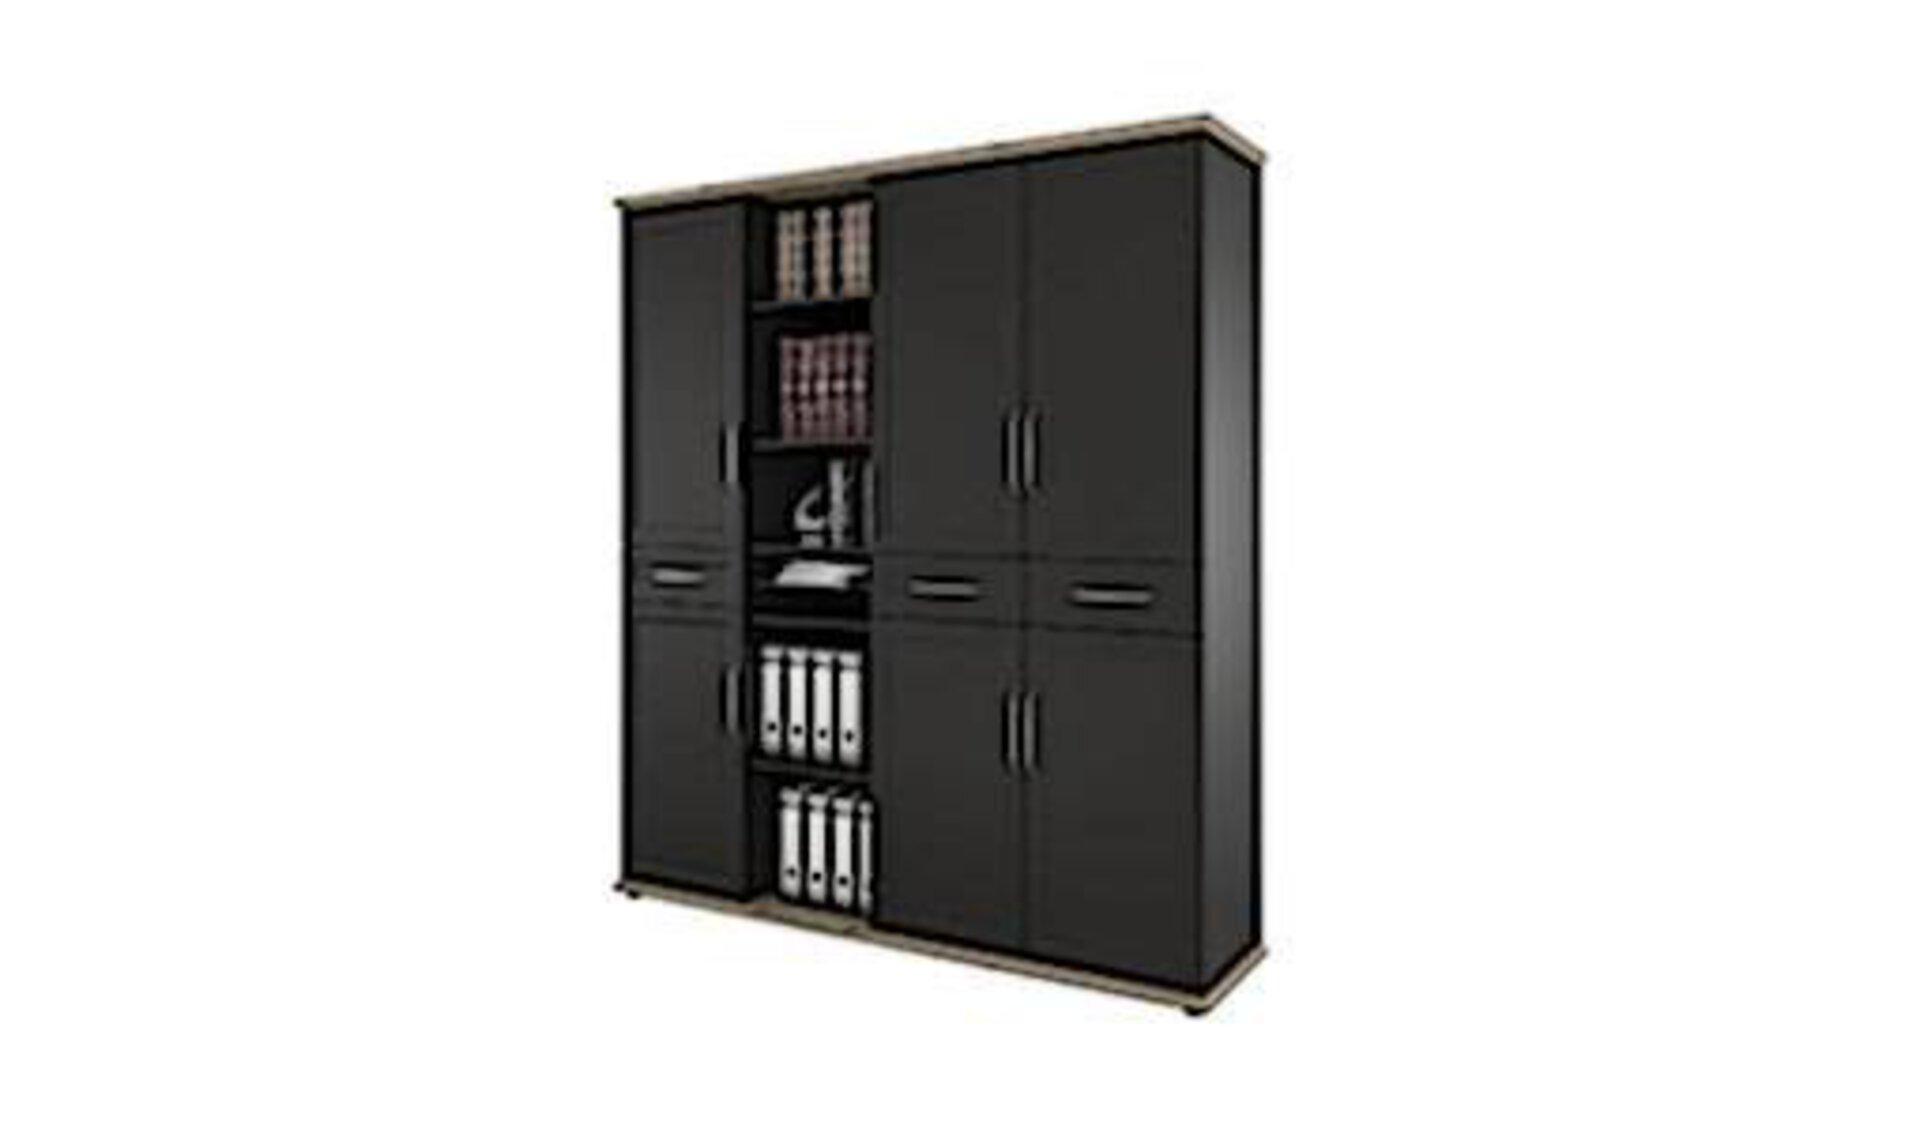 Aktenschrank aus dunklem glatten Holz als Synonym für in der Produktwelt enthaltenen Büroschränke.